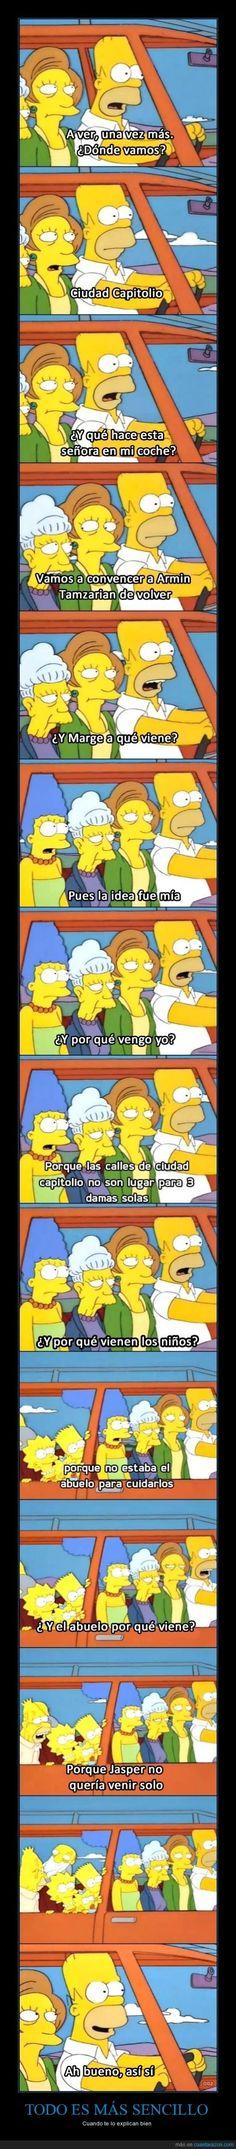 Homer Simpson no entiende nada